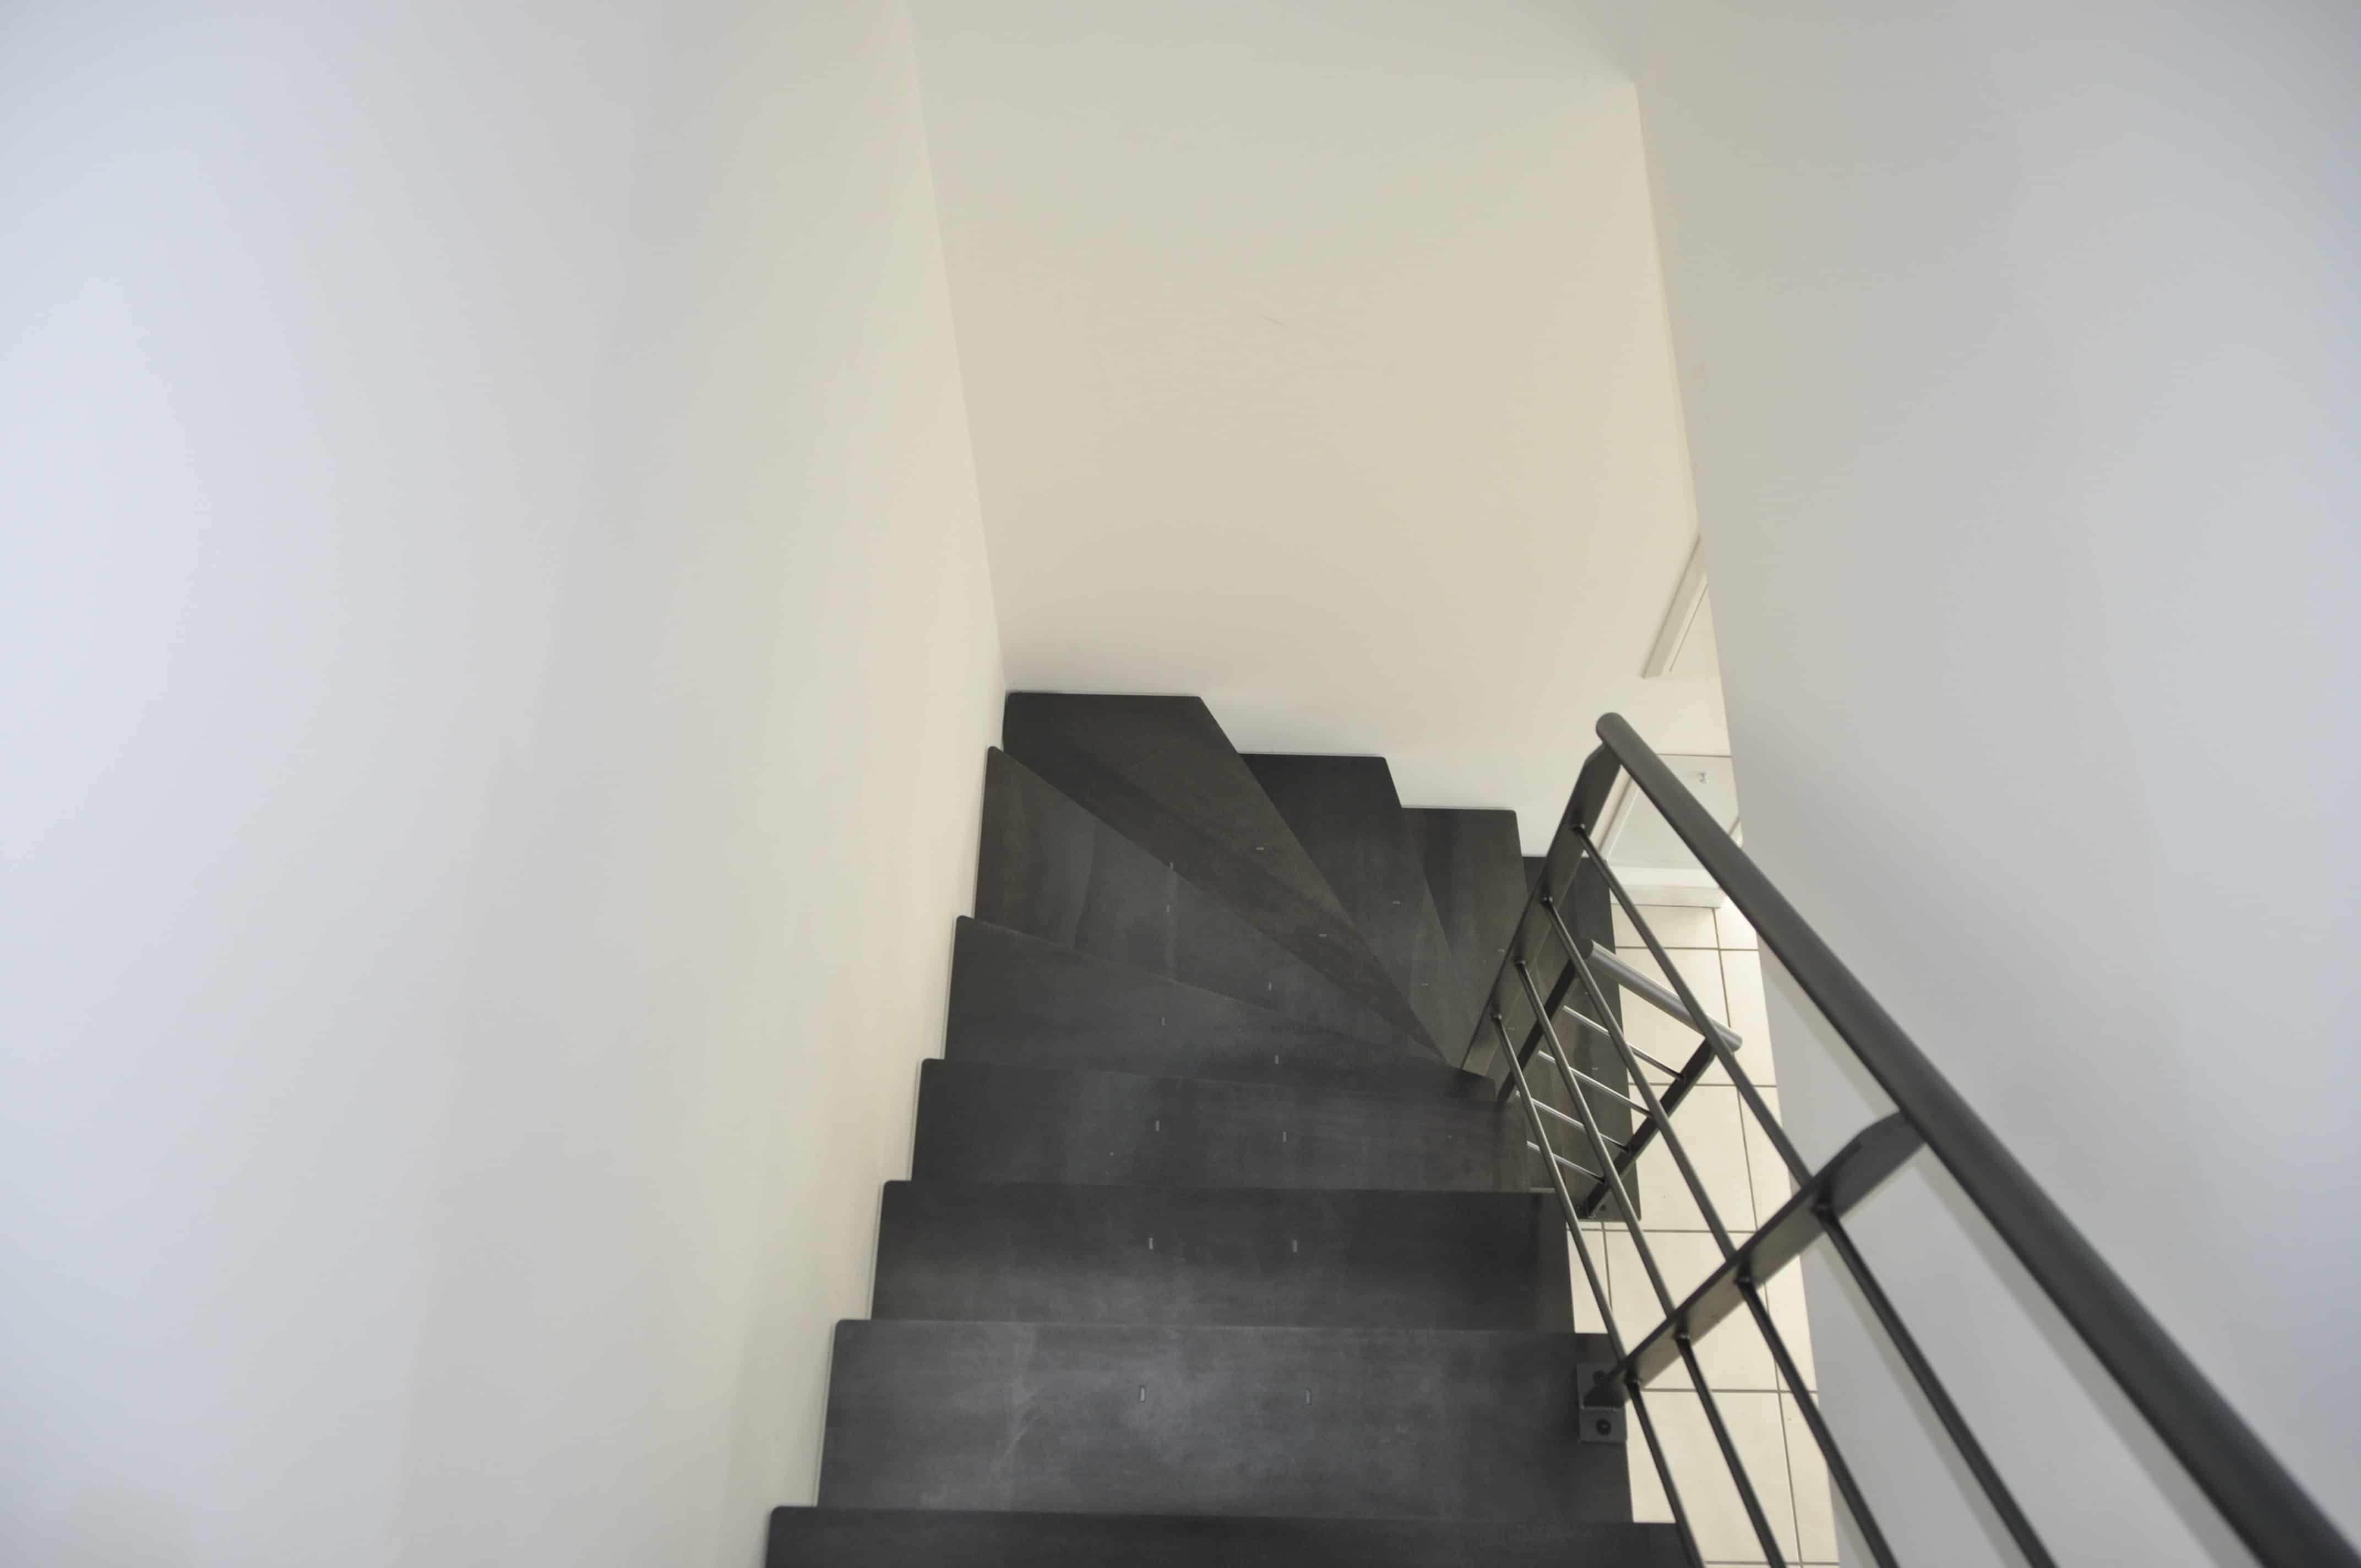 escalier en métal dans le finistère vu d'en haut